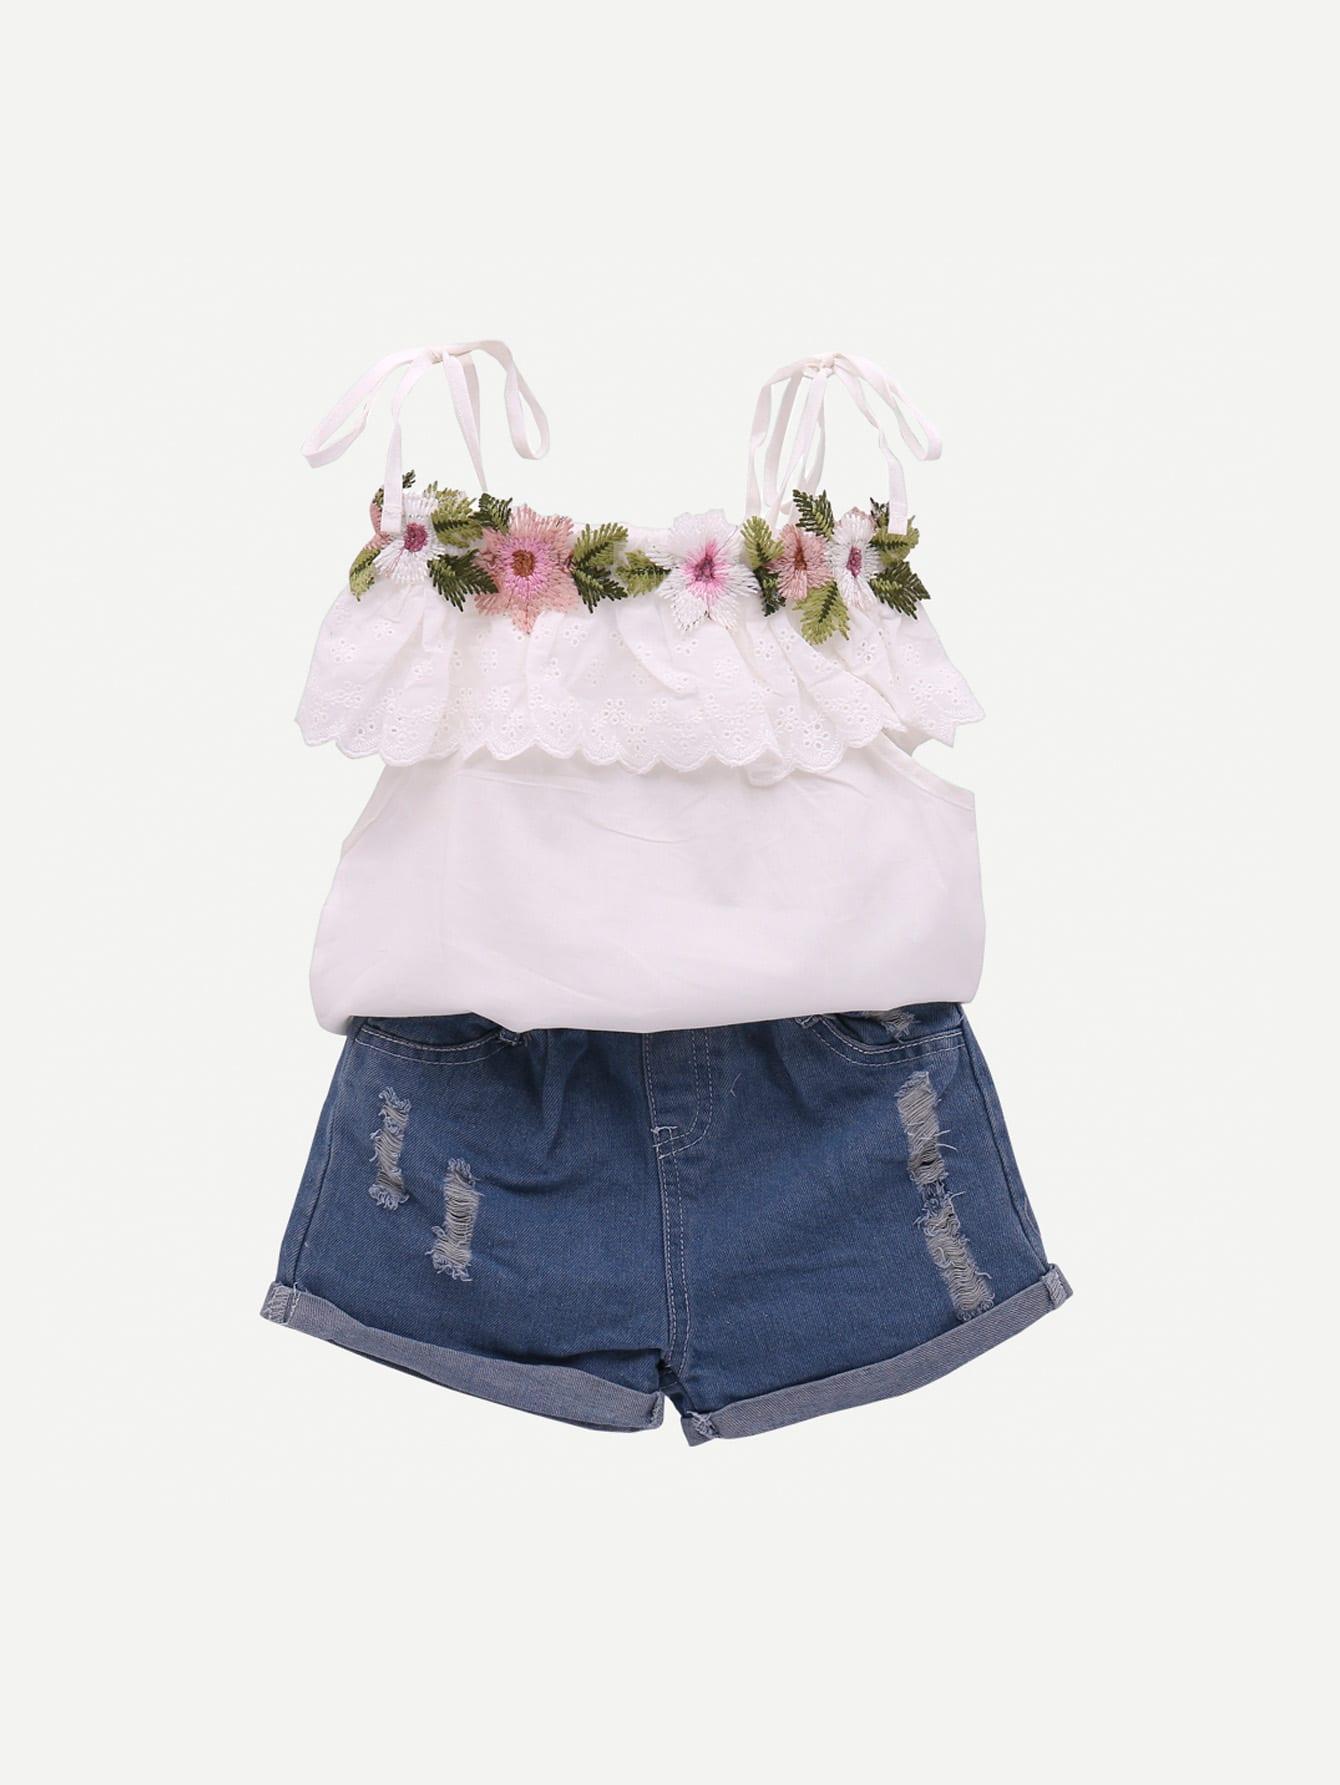 Купить Жилет с кружевными оборками и рваные джинсовые шорты для девочки, null, SheIn